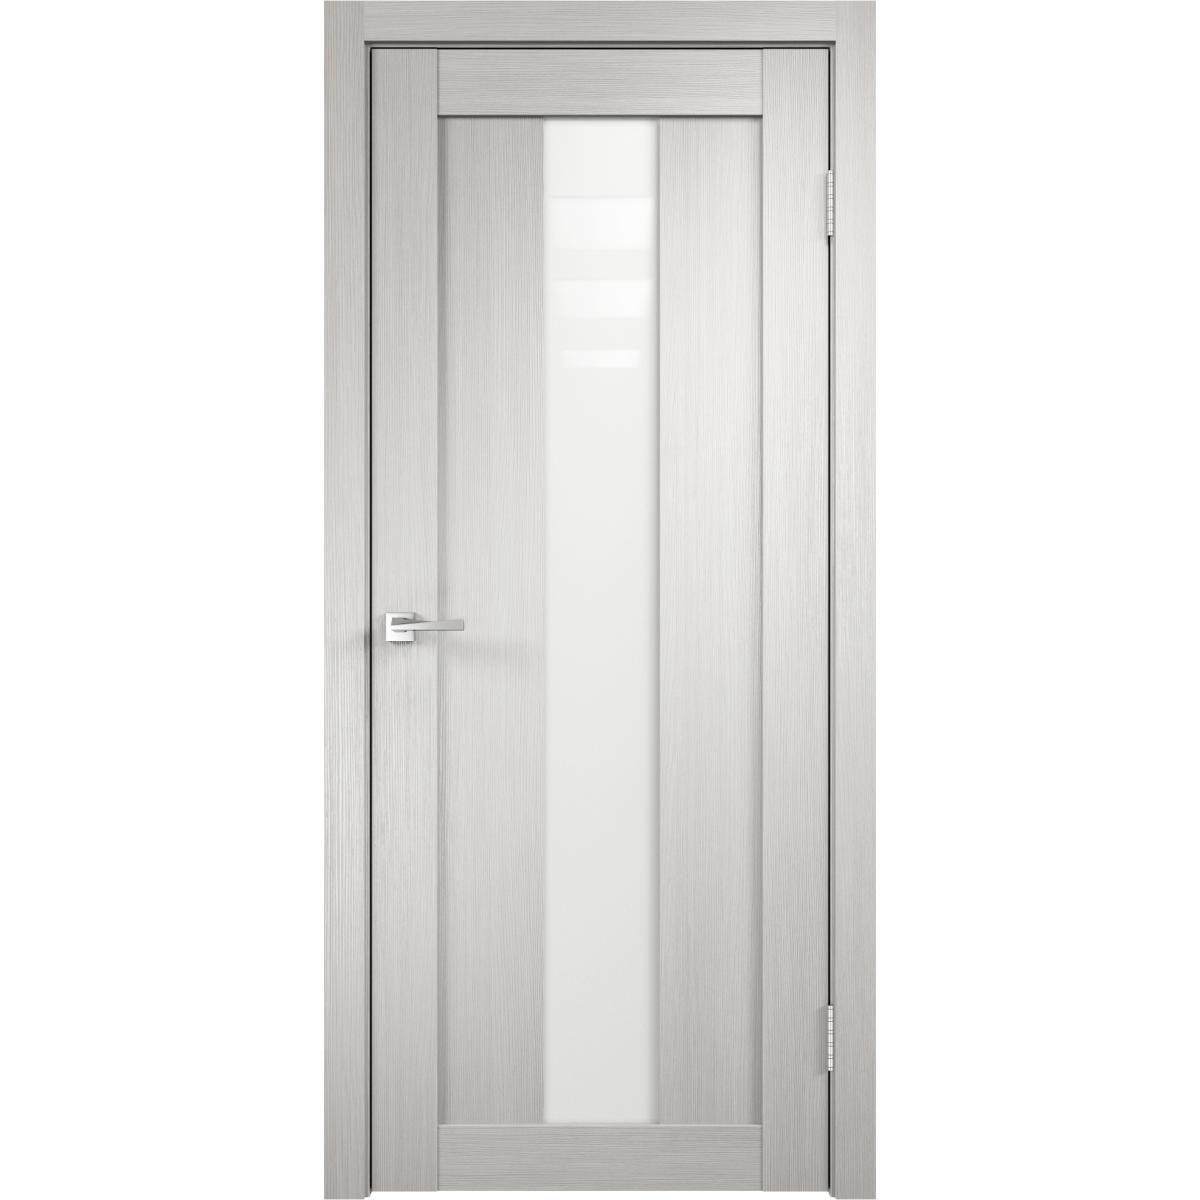 Дверь межкомнатная остеклённая Фортуна 70x200 см ПВХ цвет белый дуб